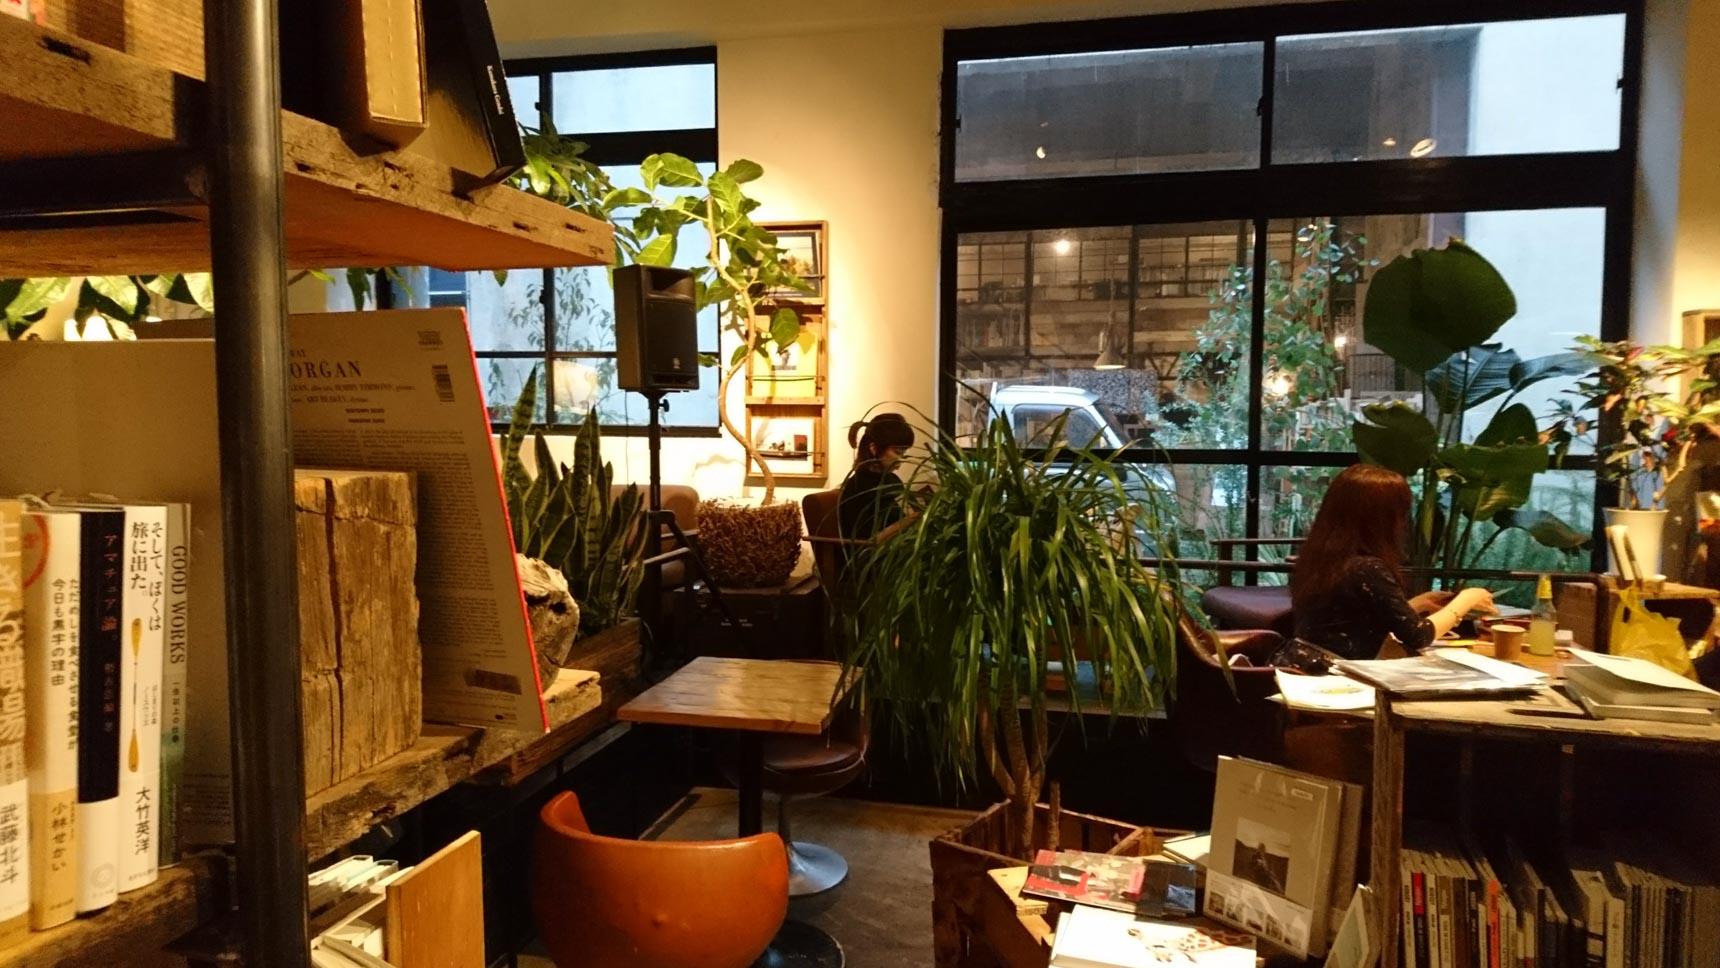 店内にある本も購入可能。植物に囲まれた空間でコーヒーとお菓子を楽しみながら、じっくり本を選ぶことができます。こういうのって魅力的。